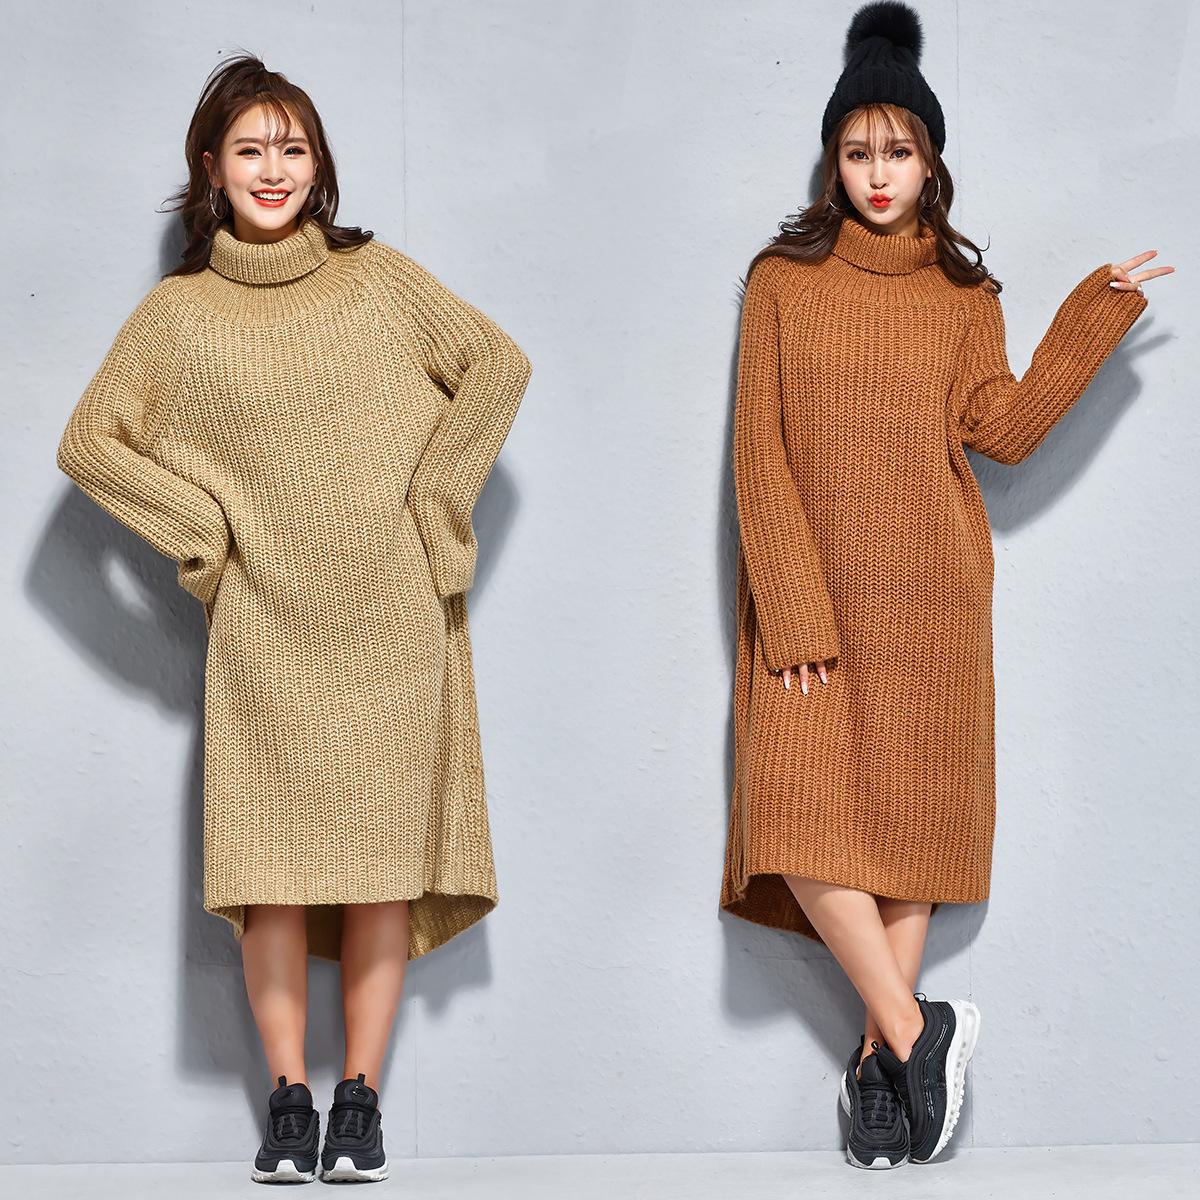 [해외]2017 겨울 여성 긴 스웨터 솔리드 터틀넥 플러스 사이즈 울 니트 스웨터 출산 드레스 불규칙한 풀오버 8003/2017 Winter Women Long Sweatershirts Solid Turtleneck PlusSize Wool Knitted Sweater